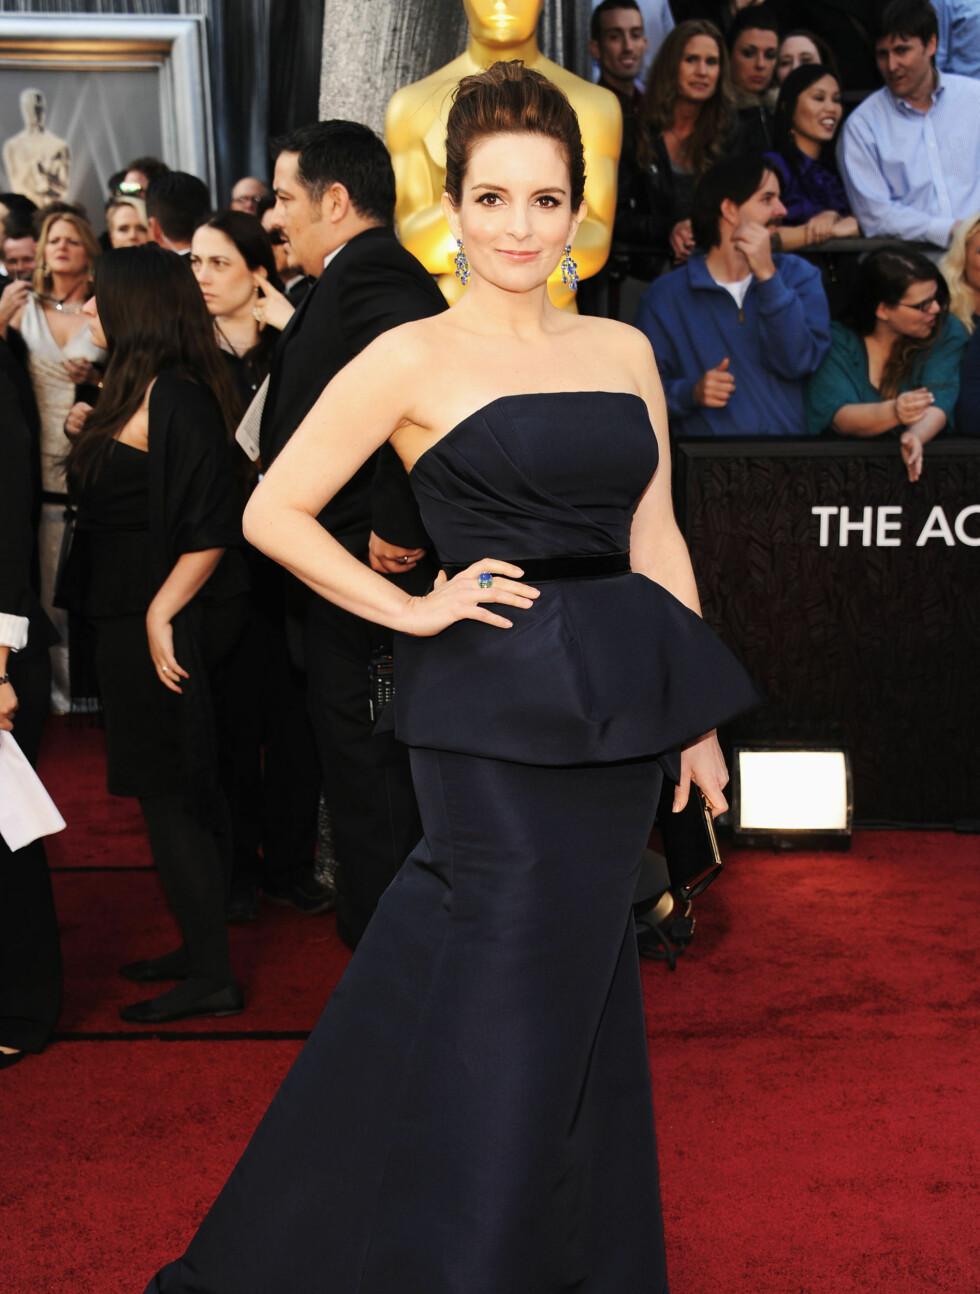 FIKK SKRYT: Komikeren Tina Fey fikk skryt av amerikanske moteeksperter for sin blå kjole fra Carolina Herrera.  Foto: All Over Press